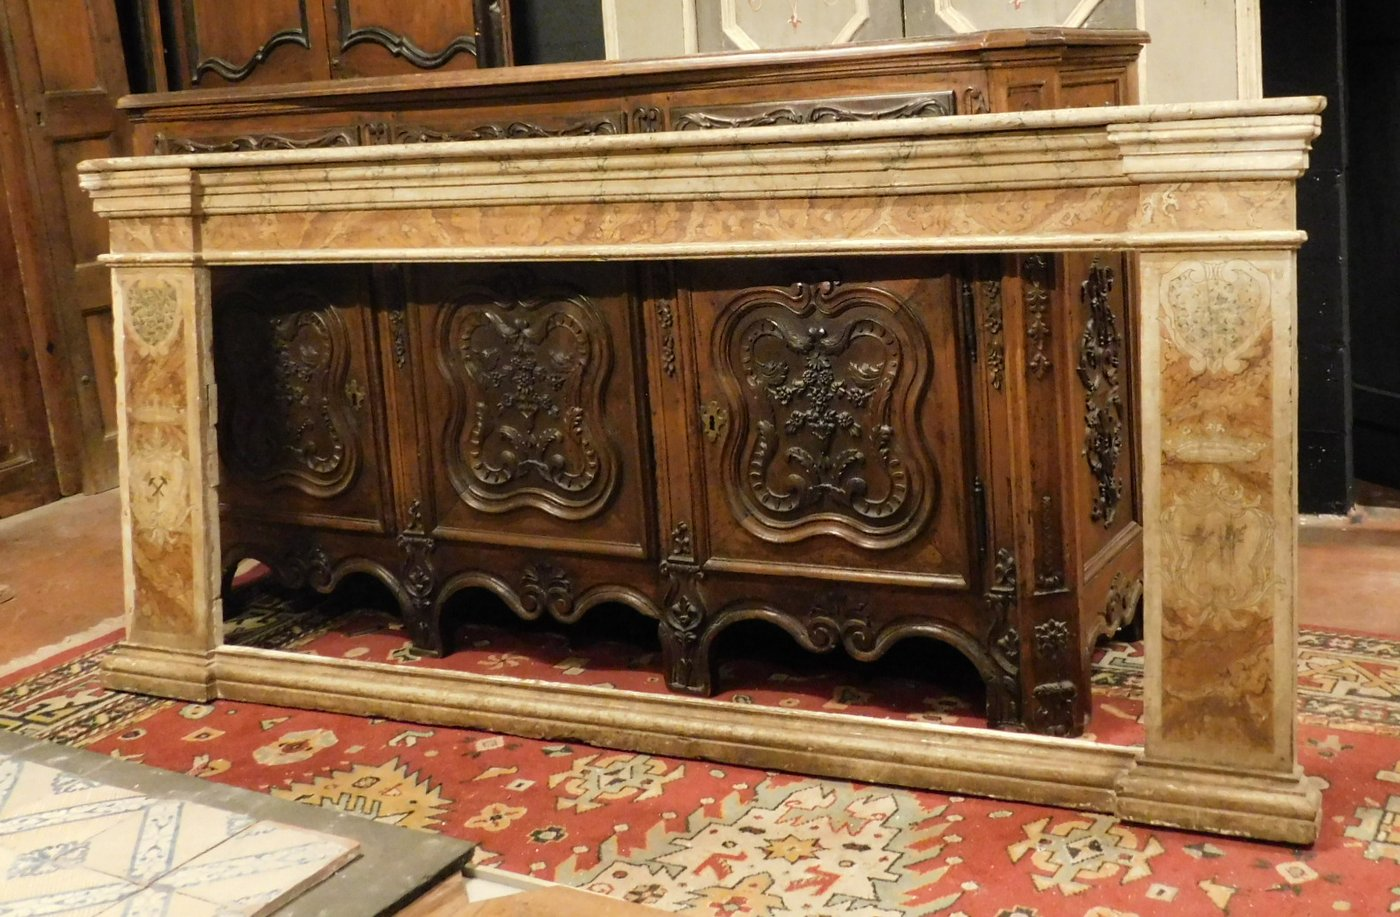 A pan209 telaio laccato finto marmo, con capitelli mis. larg. cm 233 x h 105, epoca '700